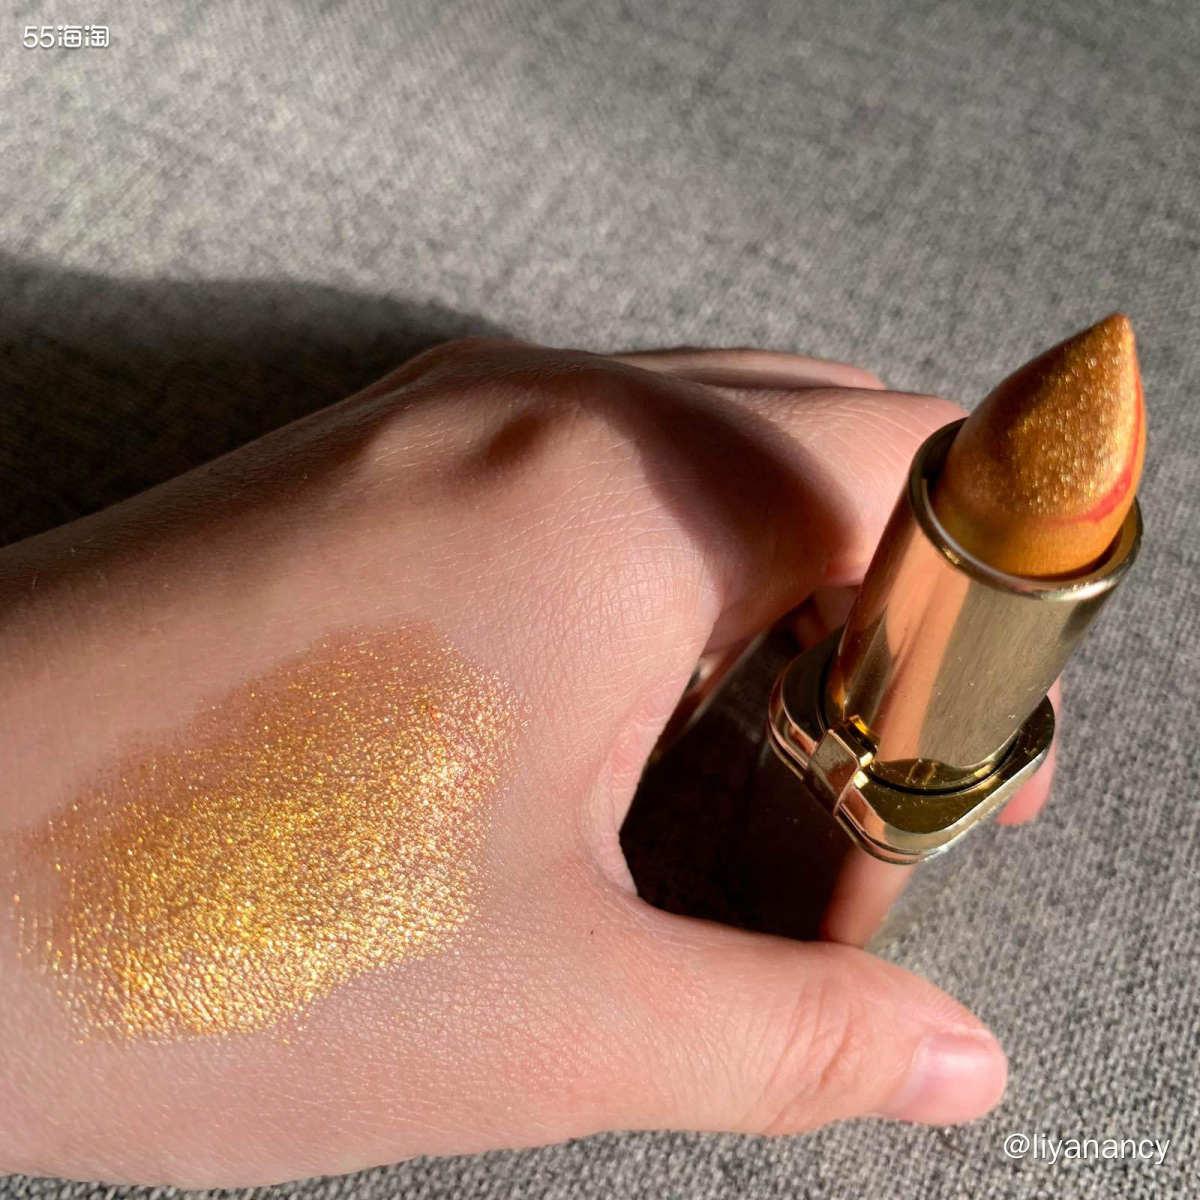 欧莱雅鎏金色口红  ✨是看到别人晒了锦鲤色口红,才想起我还有